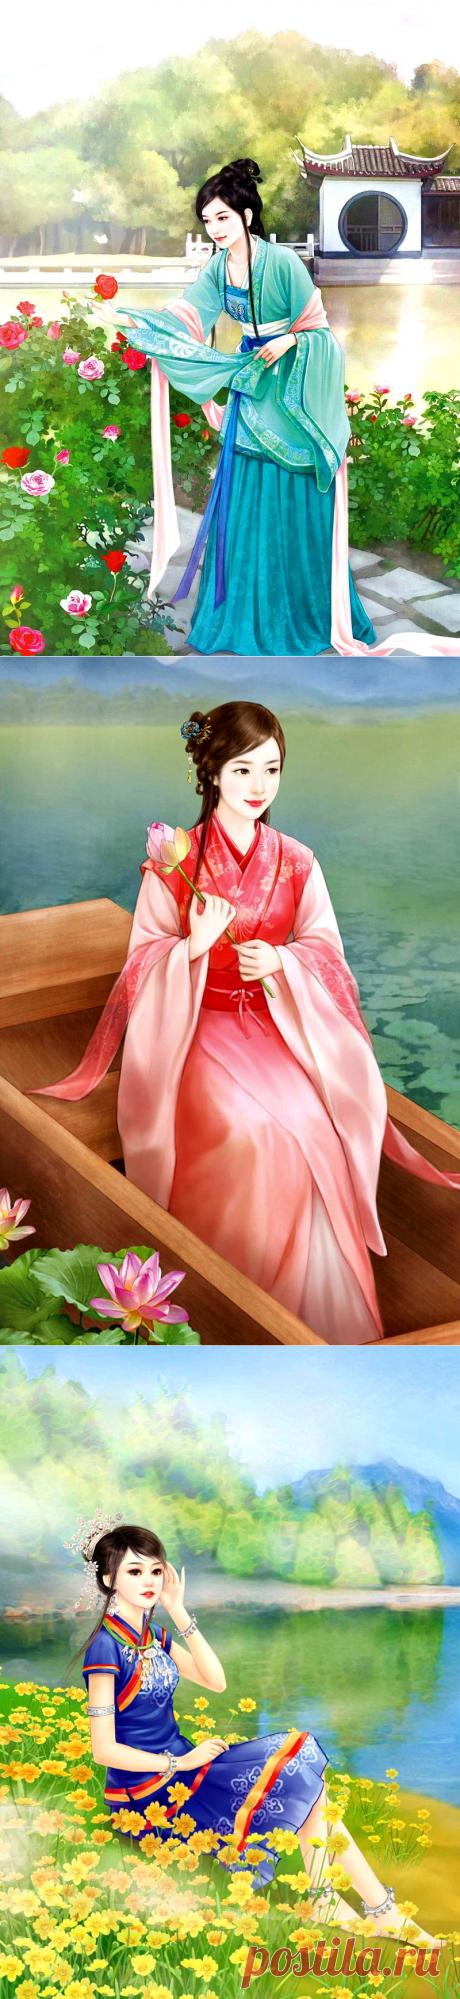 Прекрасны благородные черты... Китайская живопись.